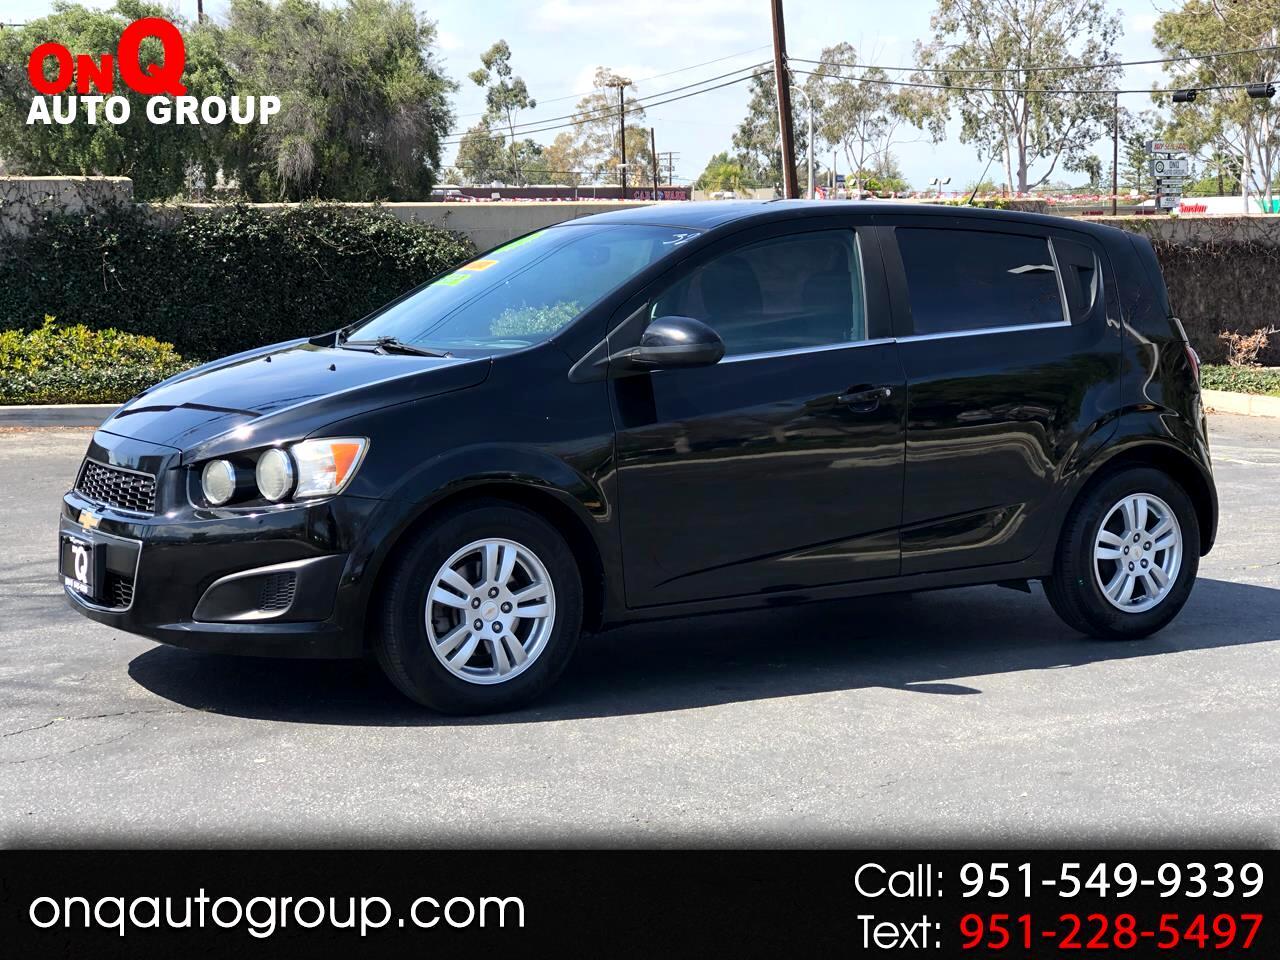 2012 Chevrolet Sonic 5dr HB LT 2LT